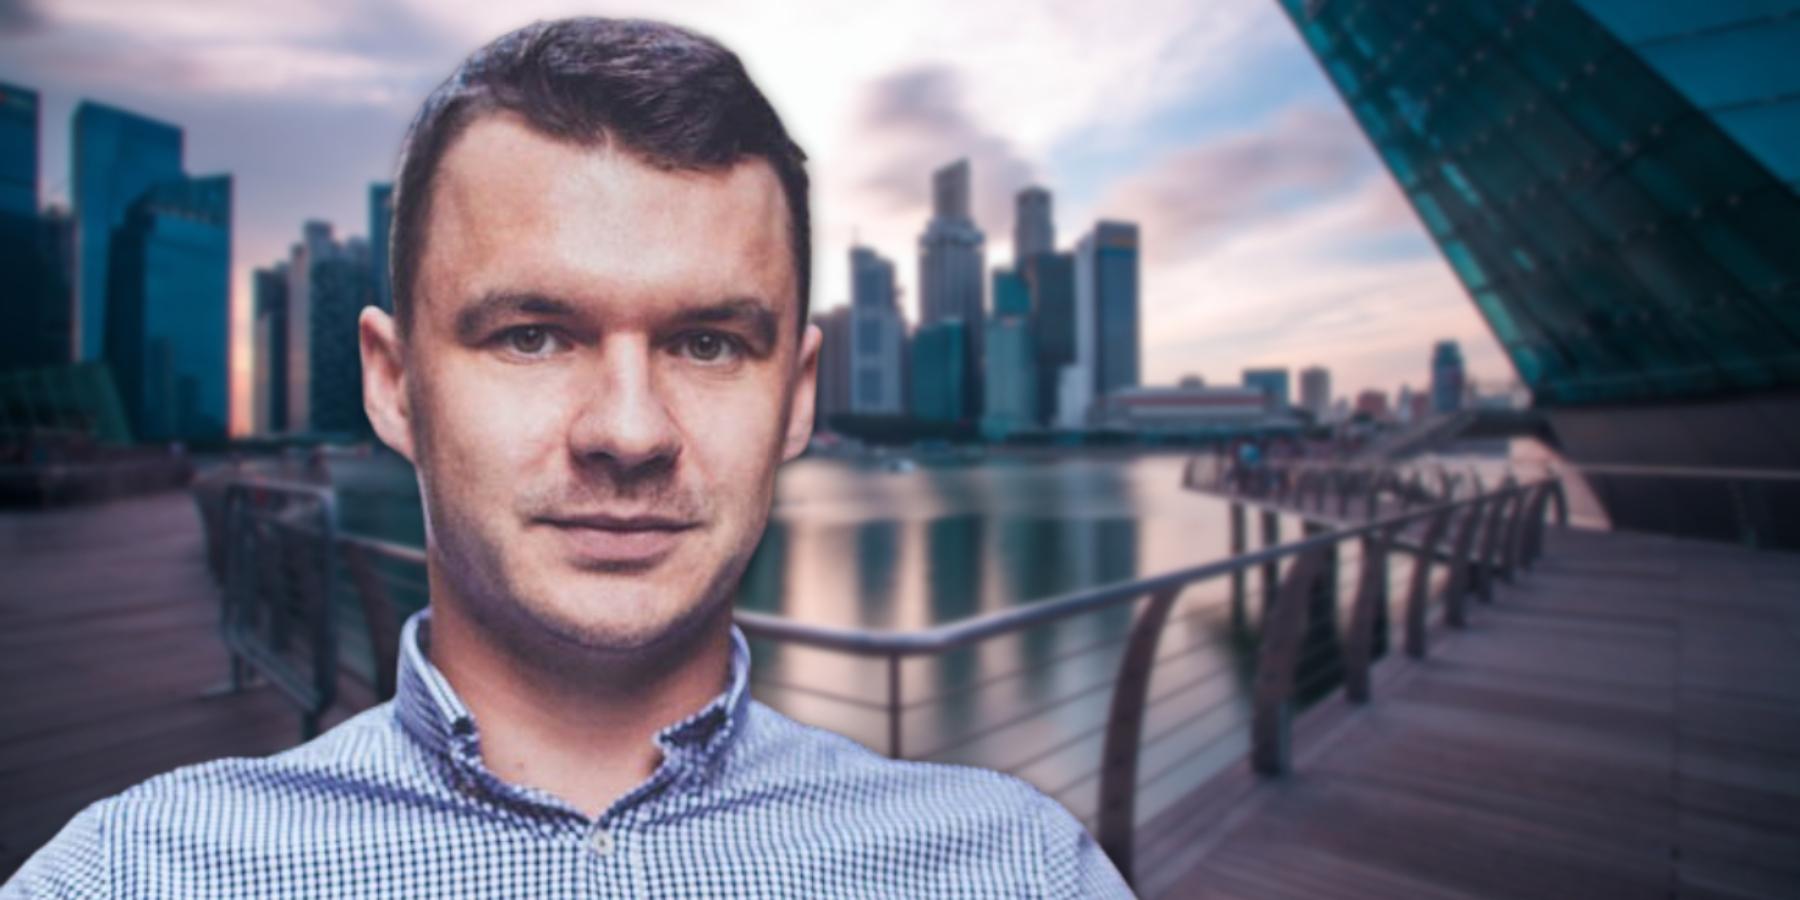 Tomasz Chojnacki stworzył cashback wbitcoinie. – Użytkownicy naszej platformy wydają więcej we-commercach